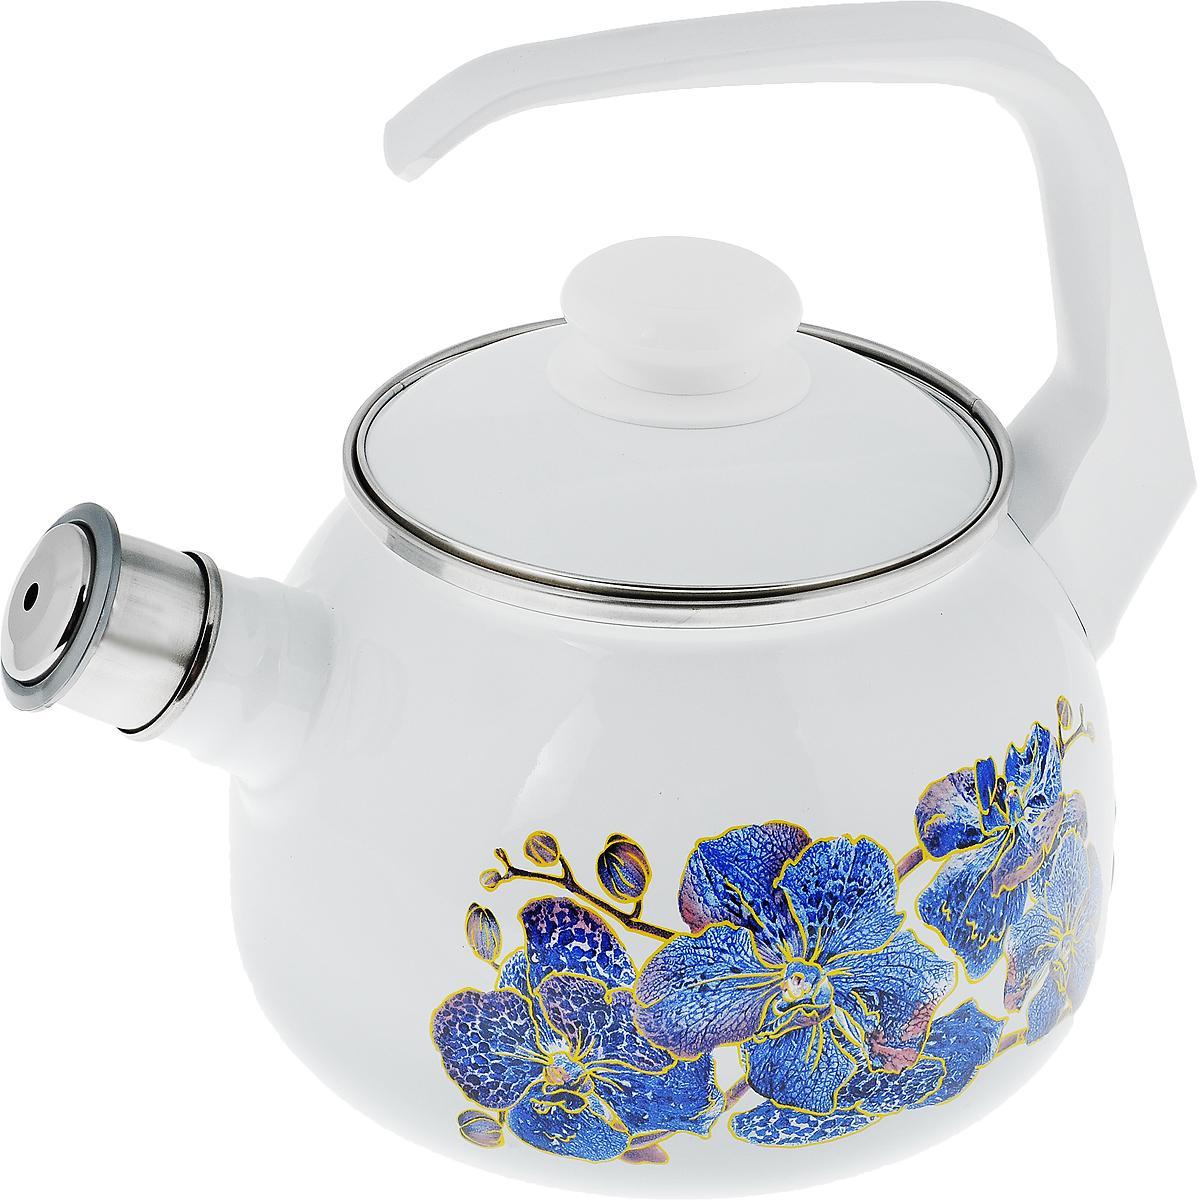 Чайник эмалированный Лысьвенские эмали Орхидея, со свистком, 2,5 лС-2711АП/4_орхидеяЧайник Лысьвенские эмали Орхидея выполнен из высококачественной стали, покрытой эмалью. Такое покрытие защищает сталь от коррозии, придает посуде гладкую стекловидную поверхность и надежно защищает от кислот и щелочей. Носик чайника оснащен свистком, звуковой сигнал которого подскажет, когда закипит вода. Чайник оснащен фиксированной ручкой из пластика и крышкой, которая плотно прилегает к краю. Внешние стенки декорированы красочным изображением цветов. Эстетичный и функциональный чайник будет оригинально смотреться в любом интерьере. Подходит для газовых, электрических, стеклокерамических и индукционных плит. Можно мыть в посудомоечной машине. Диаметр (по верхнему краю): 13,5 см. Высота чайника (с учетом ручки): 23 см. Высота чайника (без учета ручки и крышки): 14 см.